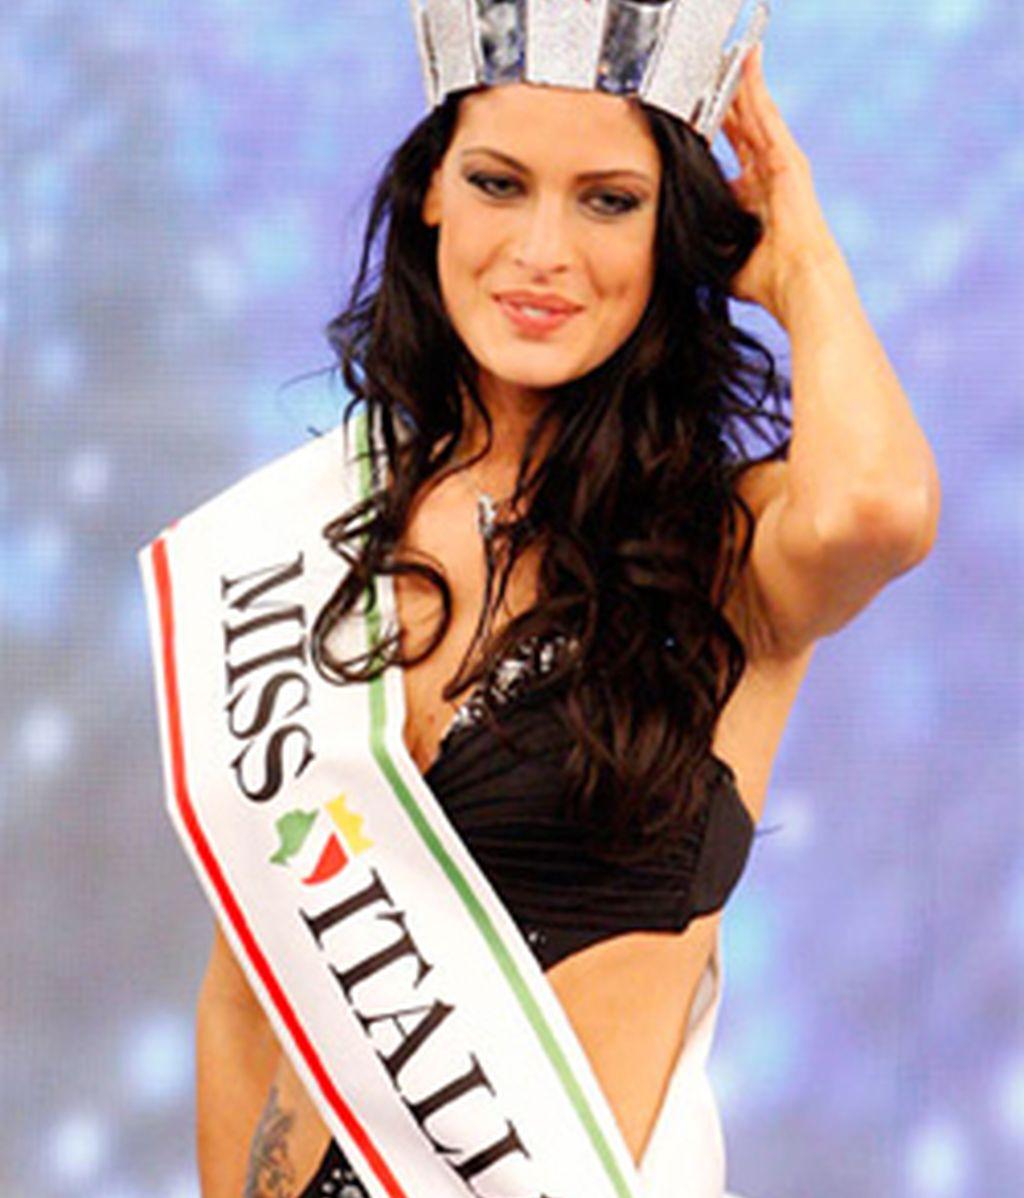 Francesca Testasecca fue coronada Miss Italia 2010 en un certamen marcado por la polémica.